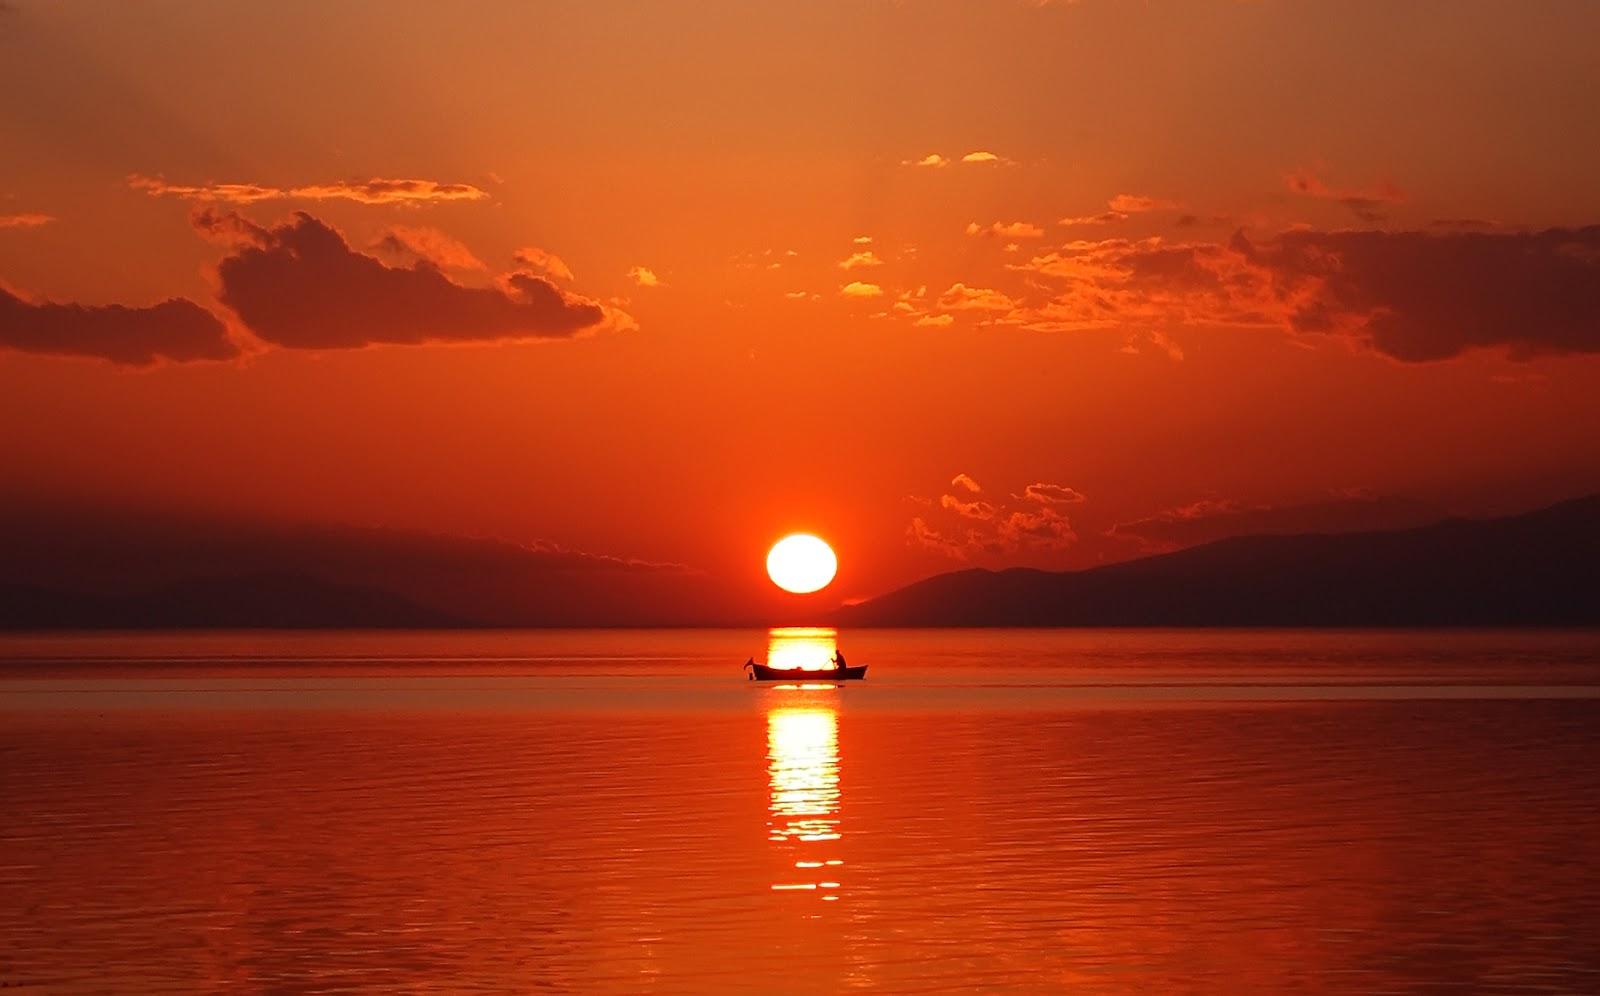 Iznik Gölü Gün Batımı Fotoğrafı